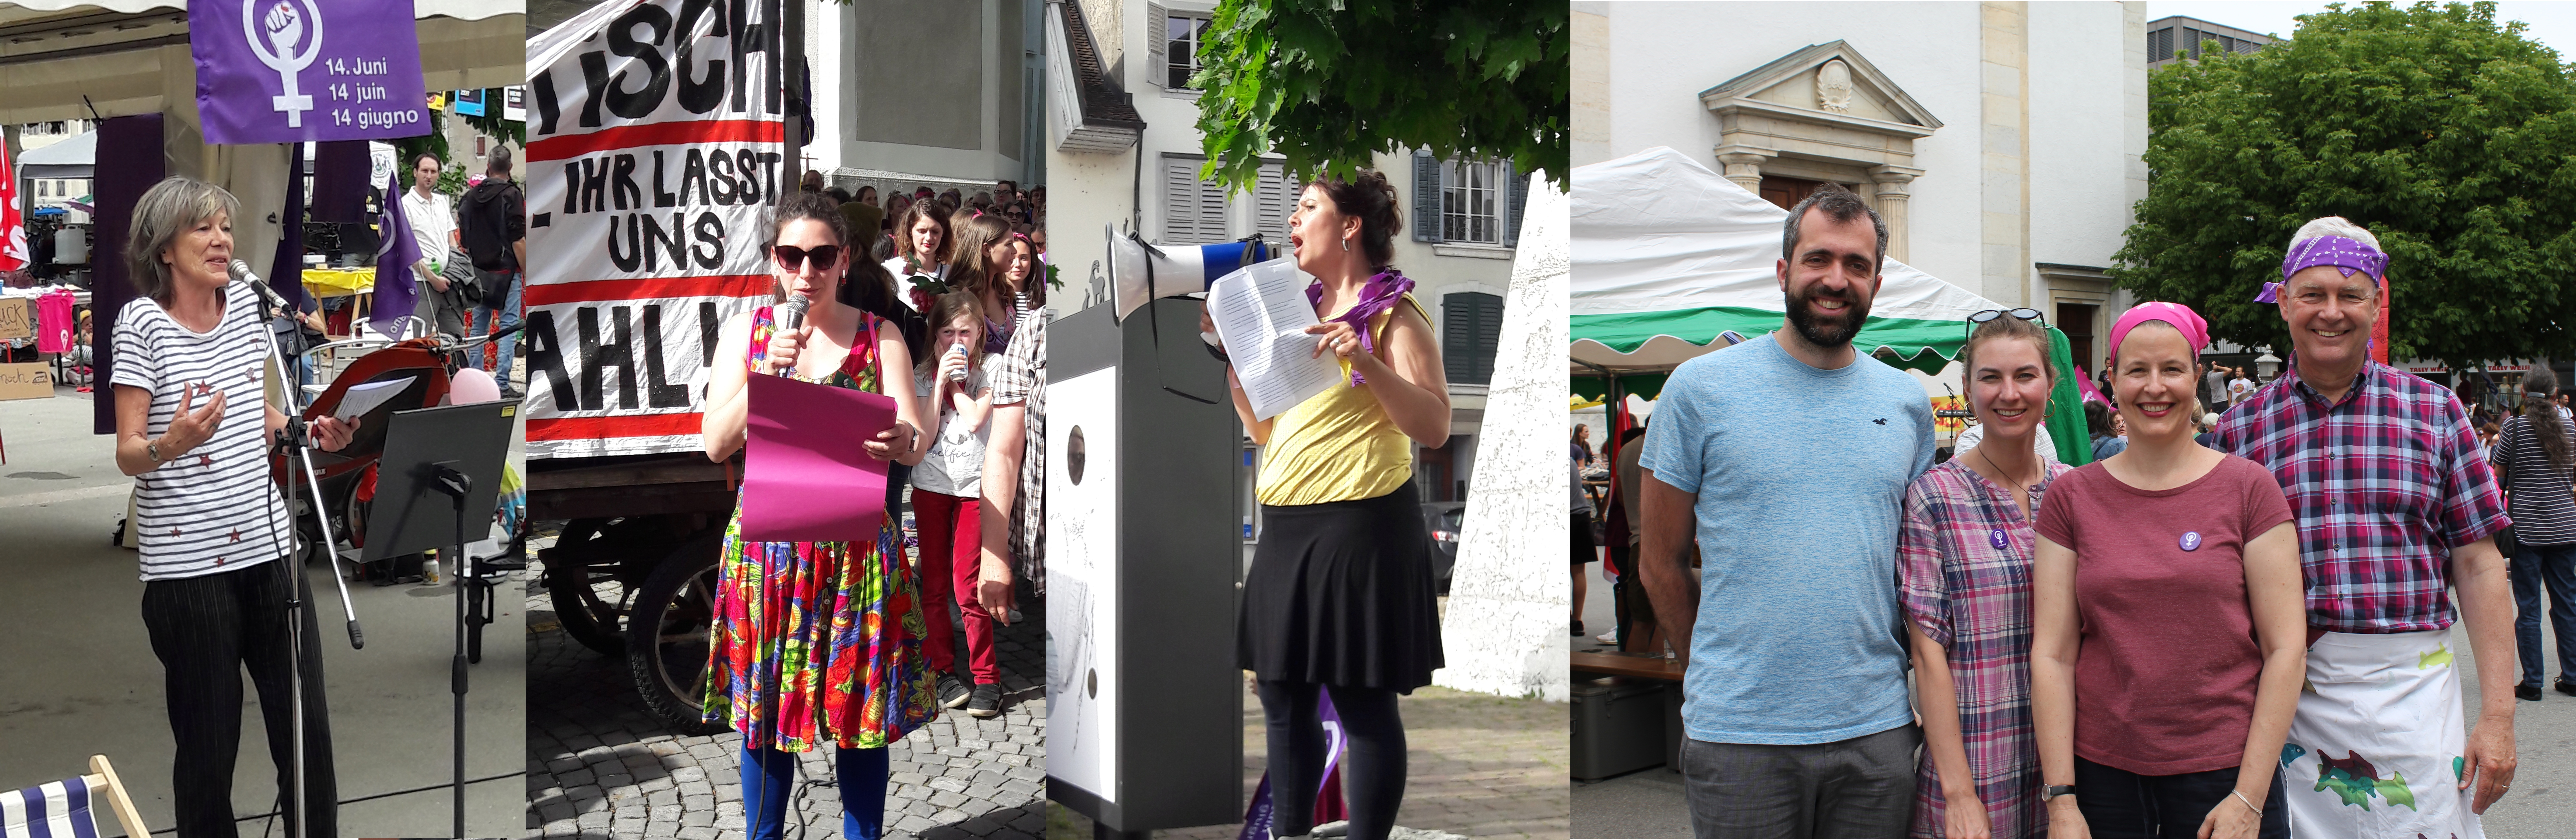 Miguel Misteli, Laura Gantenbein, Simone Wyss, Raphael Schär, Anna Engeler, Myriam Frey und Felix Wettstein am Frauenstreik